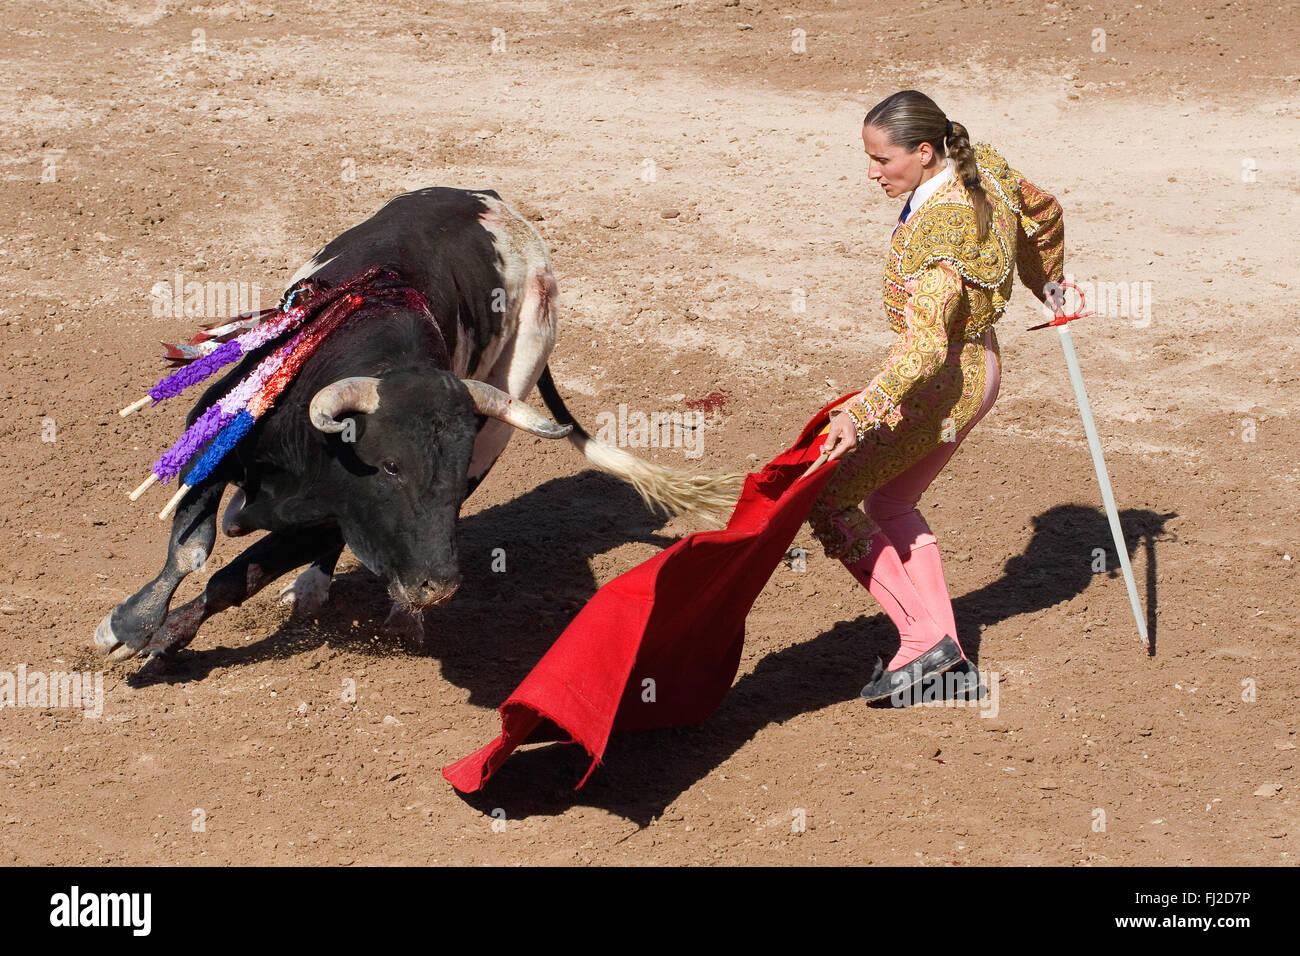 83874234e0d The female matador RAQUEL SANCHEZ fights a bull in the Plaza de Toros - SAN  MIGUEL